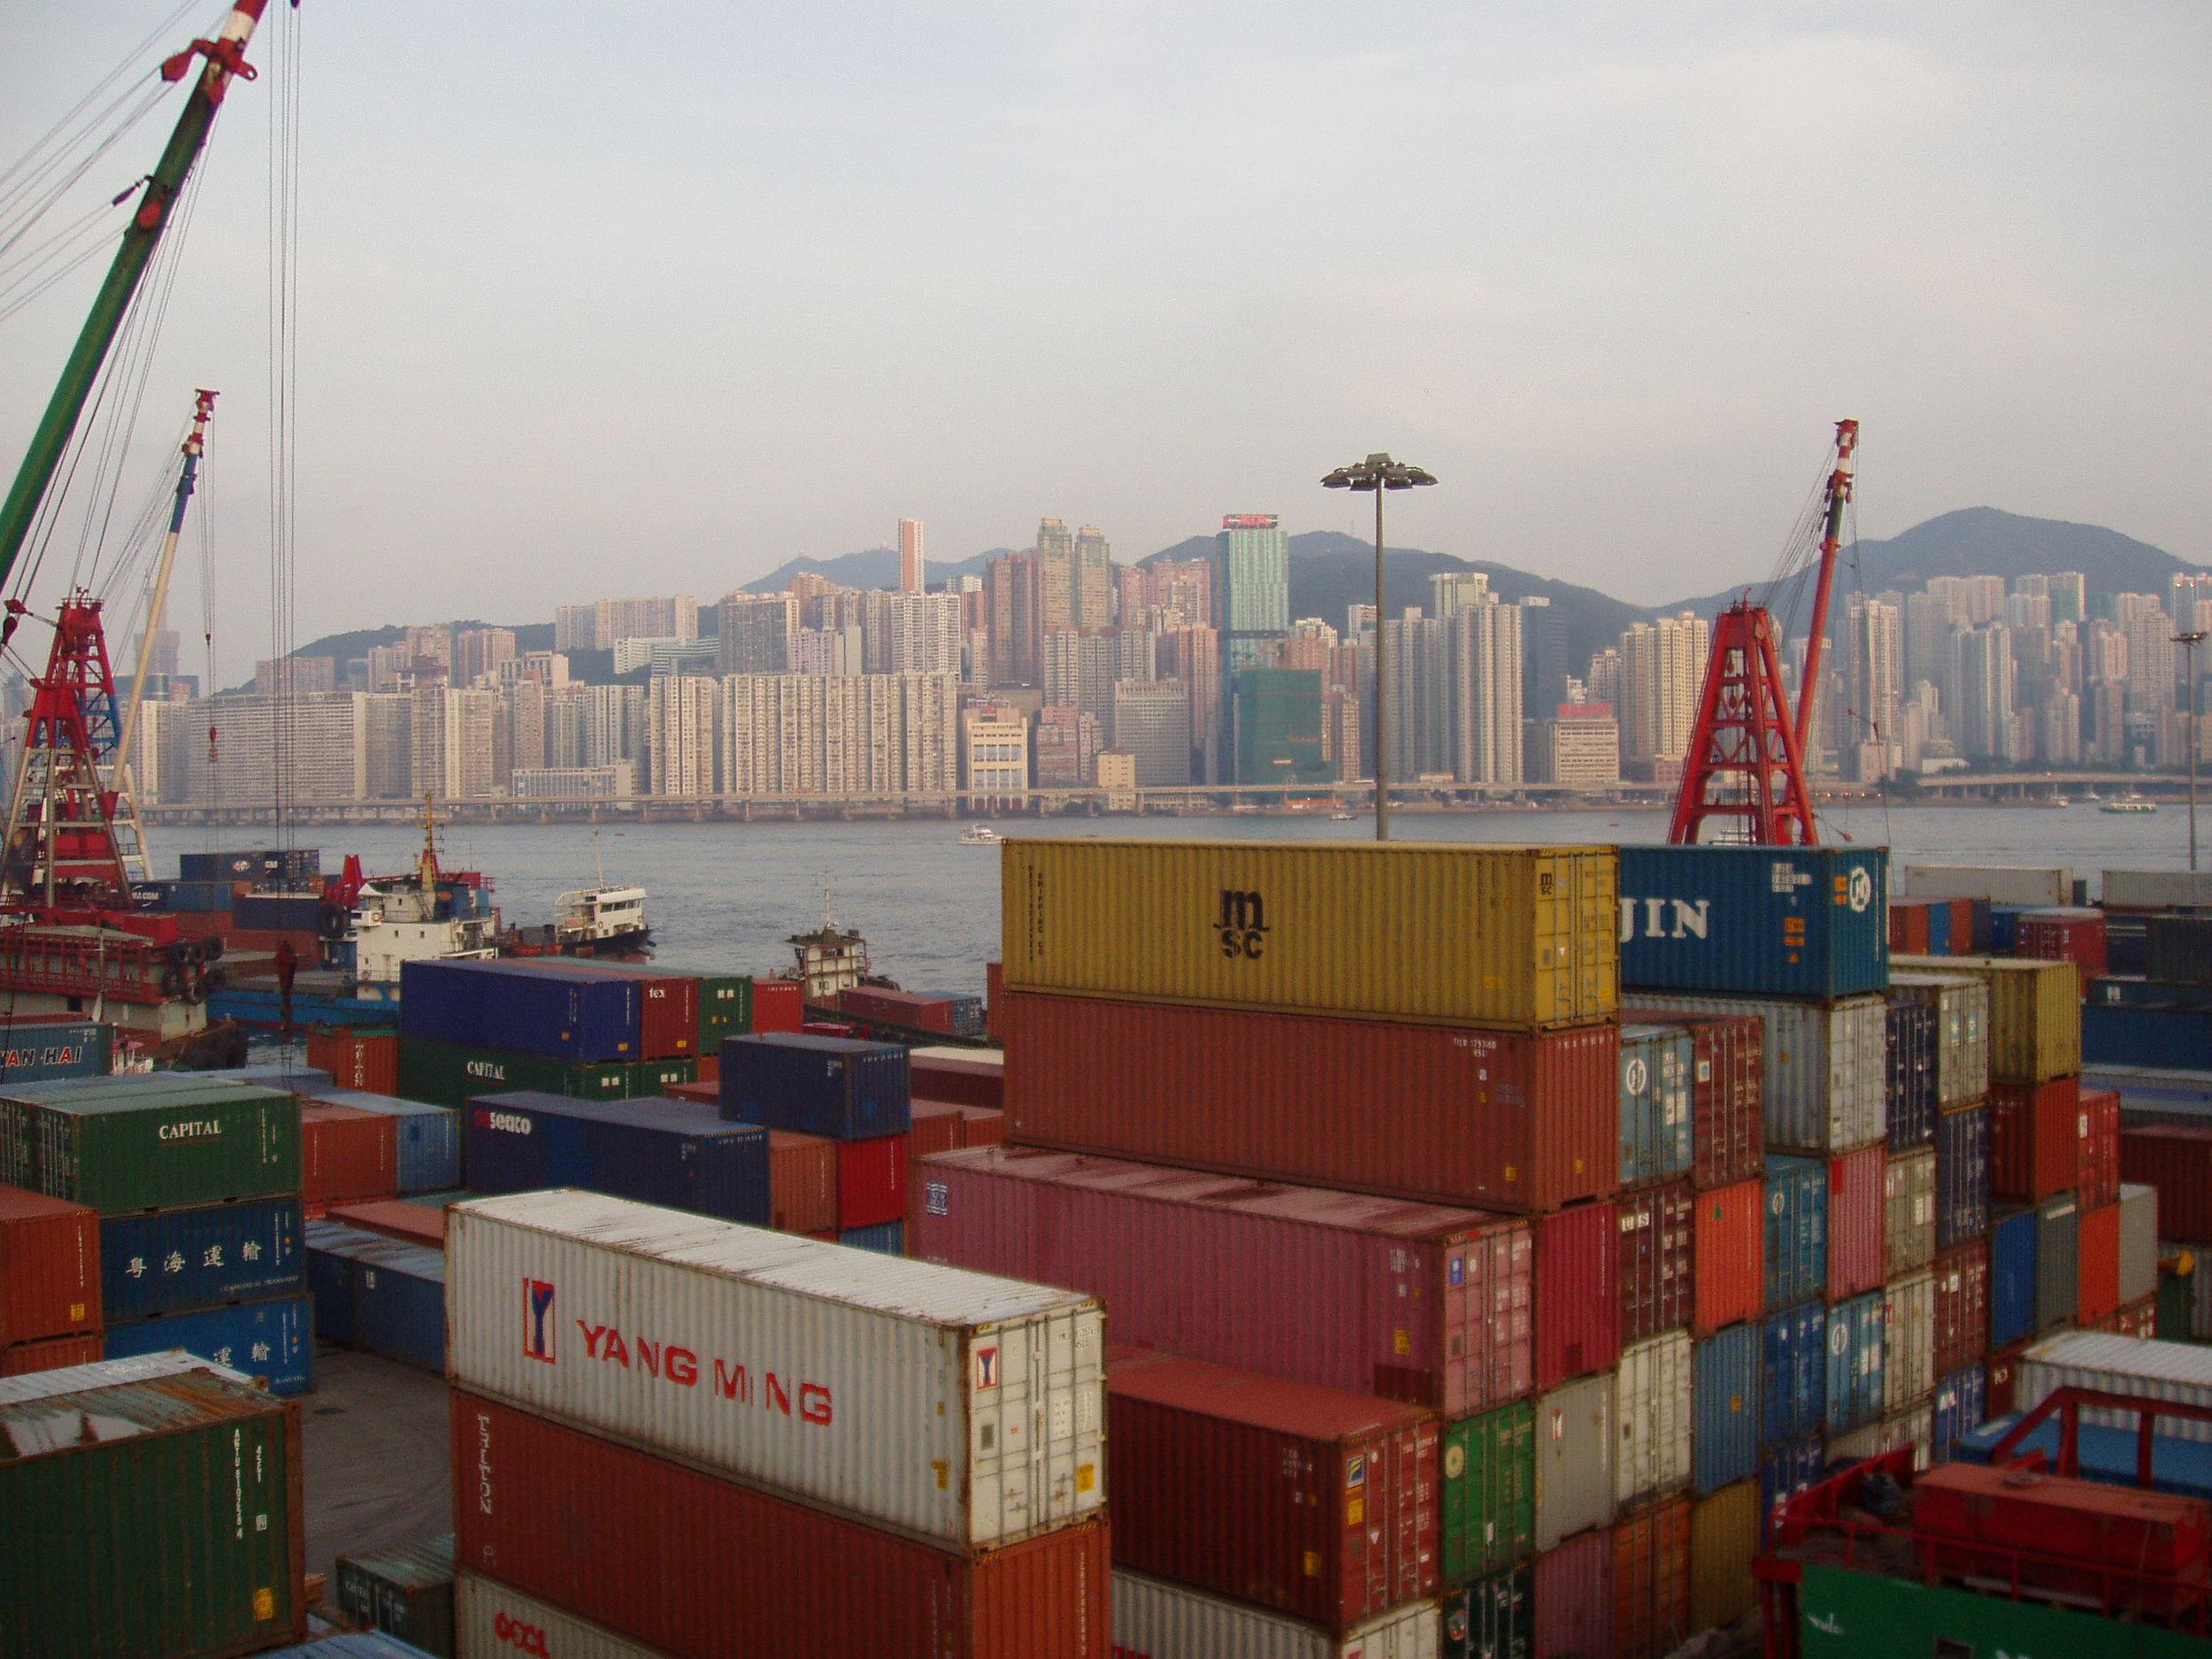 HONG KONG CONTAINER TERMINAL, HONG KONG